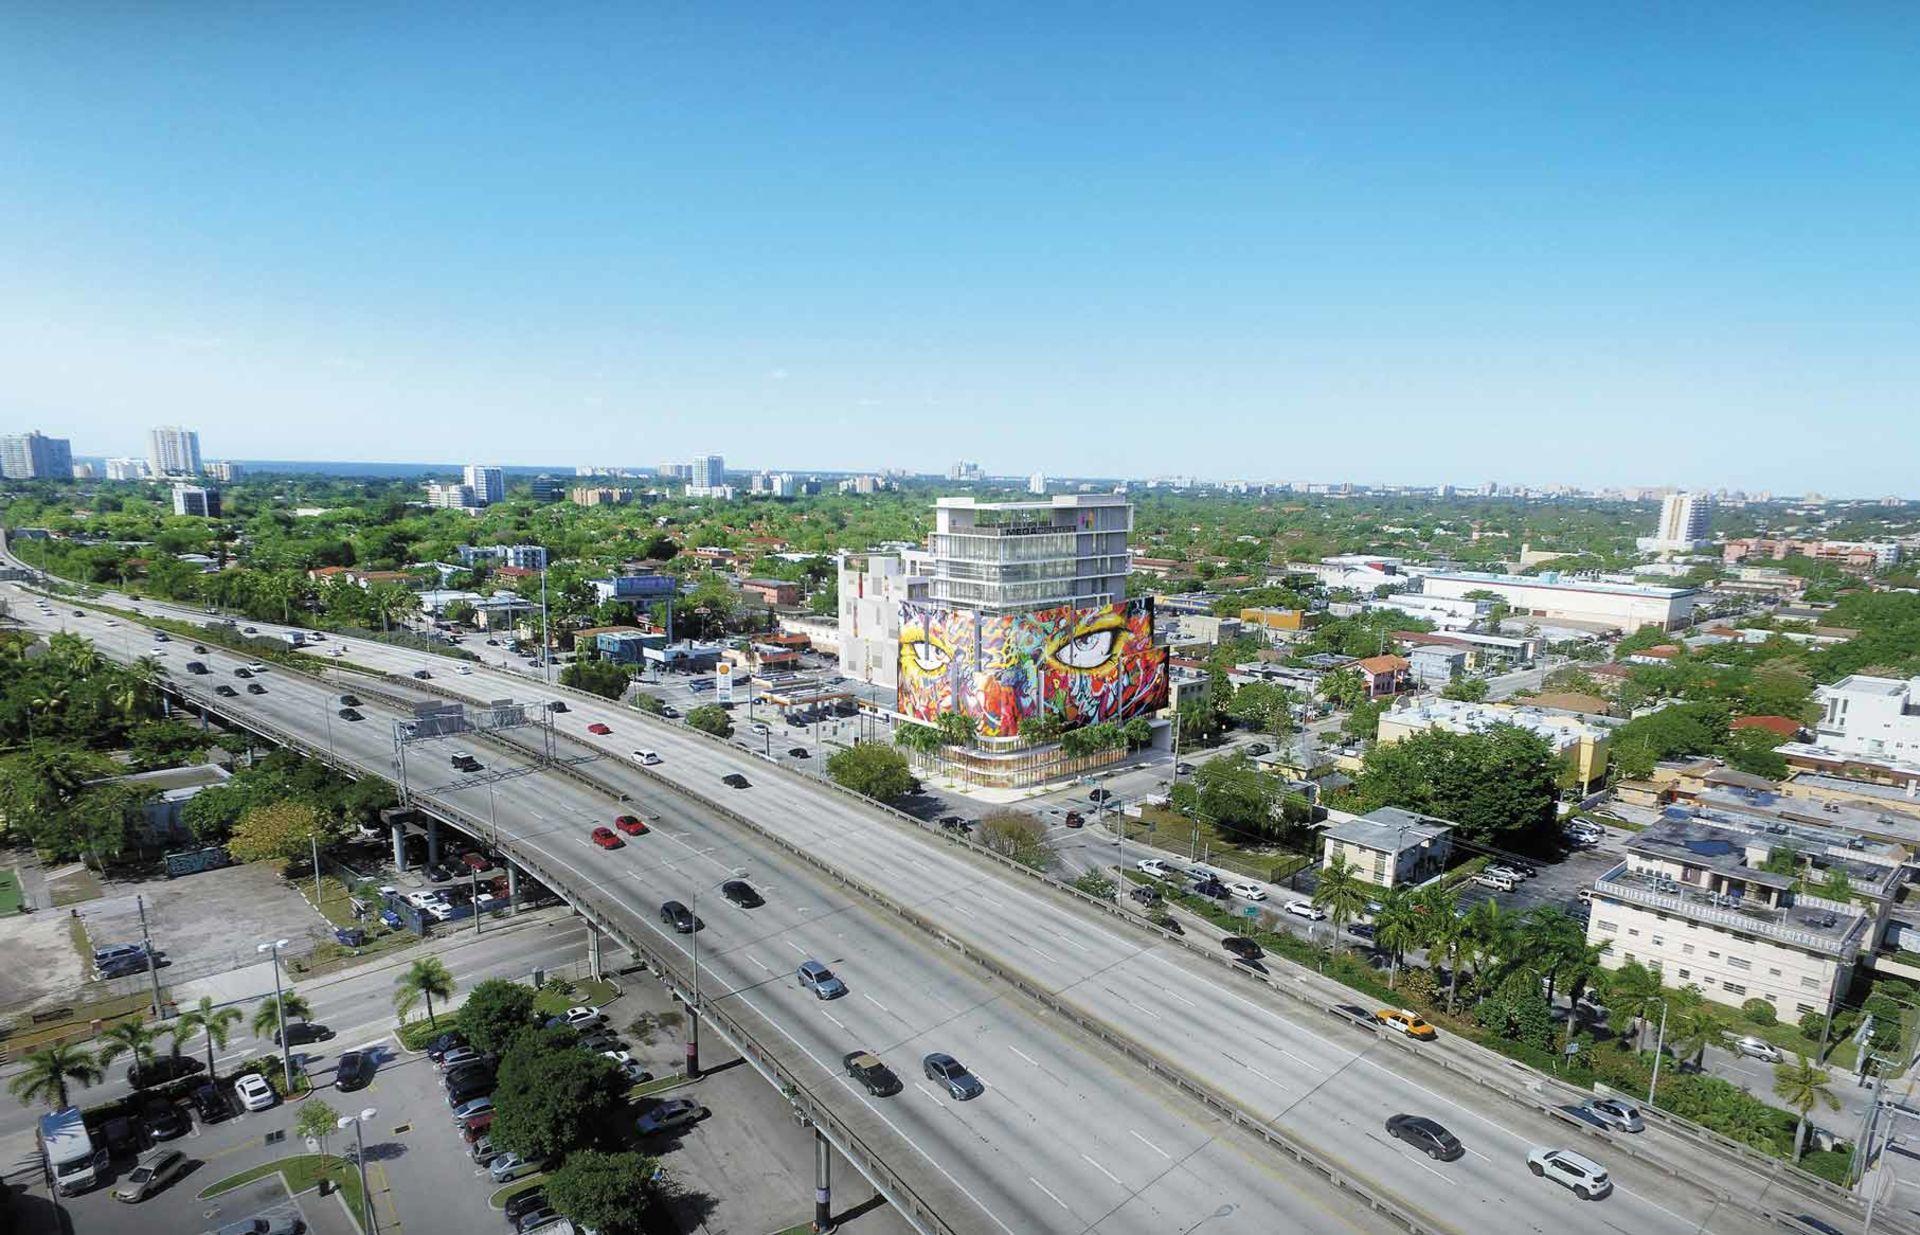 Brickell getting unique mixed-use development near I-95